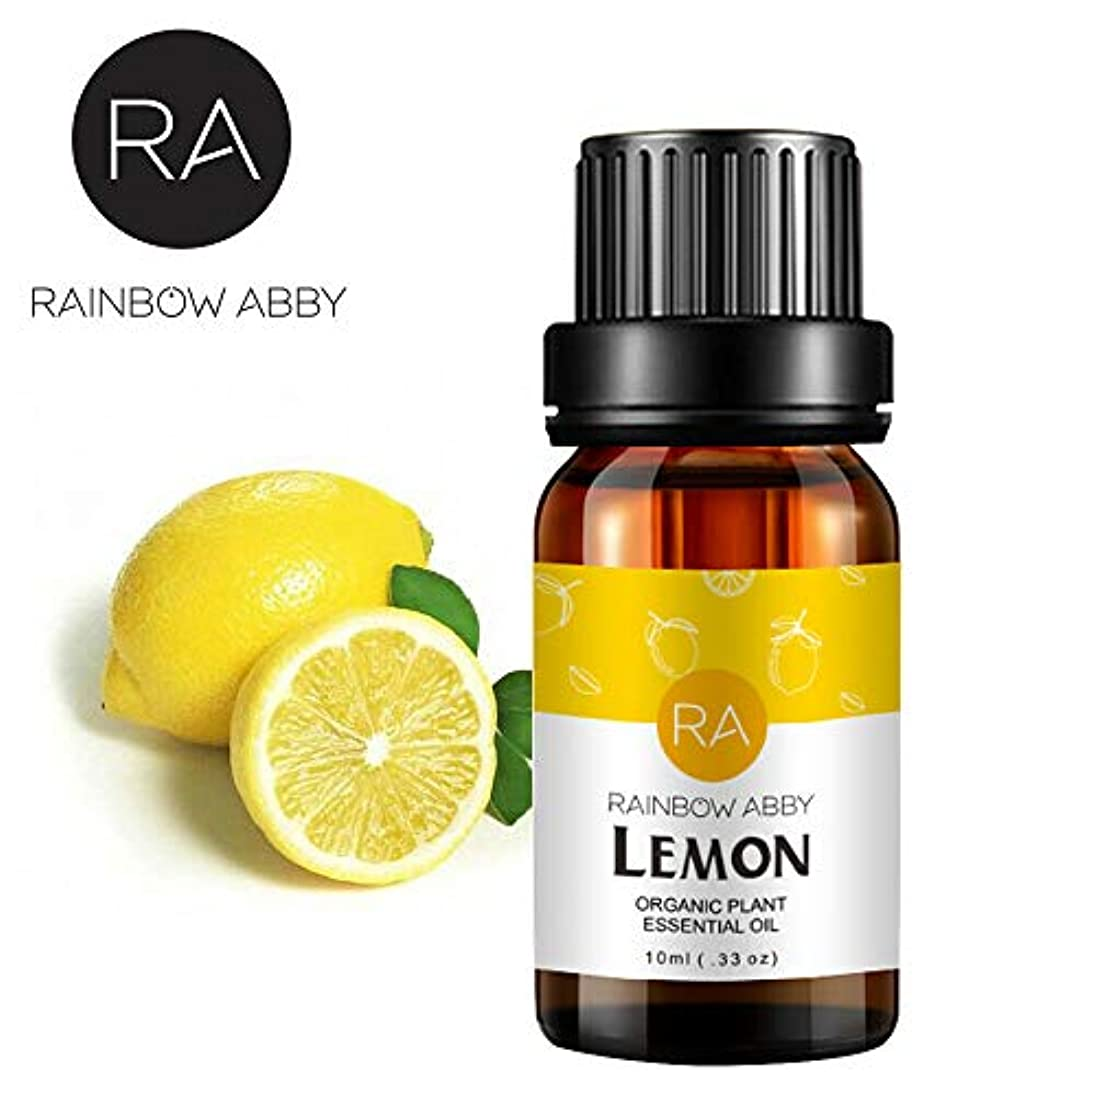 マーティフィールディング経験者アンデス山脈RAINBOW ABBY レモンエッセンシャル オイル ディフューザー アロマ セラピー オイル 100% ピュアオーガニック 植物 エキスレモン オイル 10ML/0.33oz